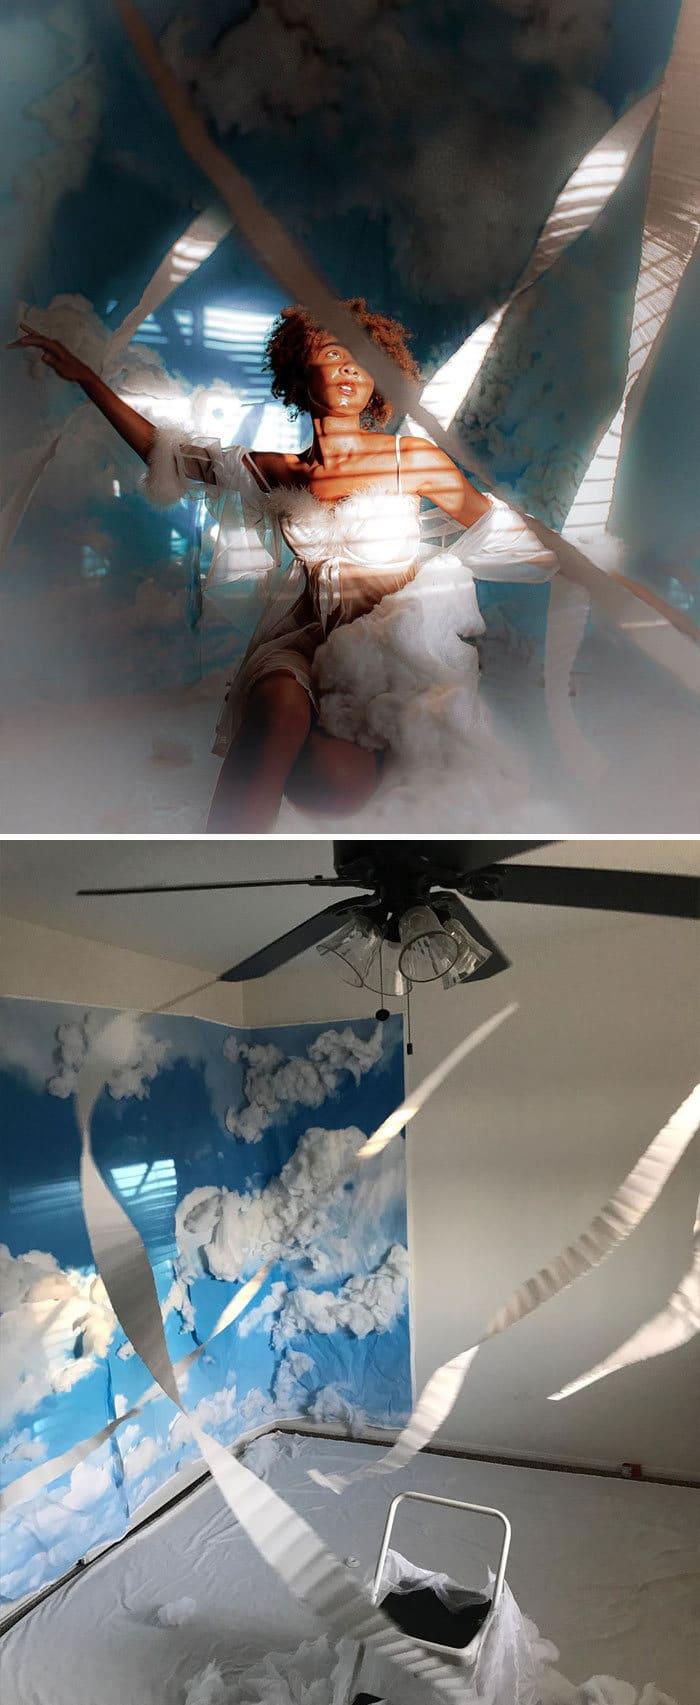 Modelo tira autorretratos dignos de capa de revista em casa totalmente sozinha 5